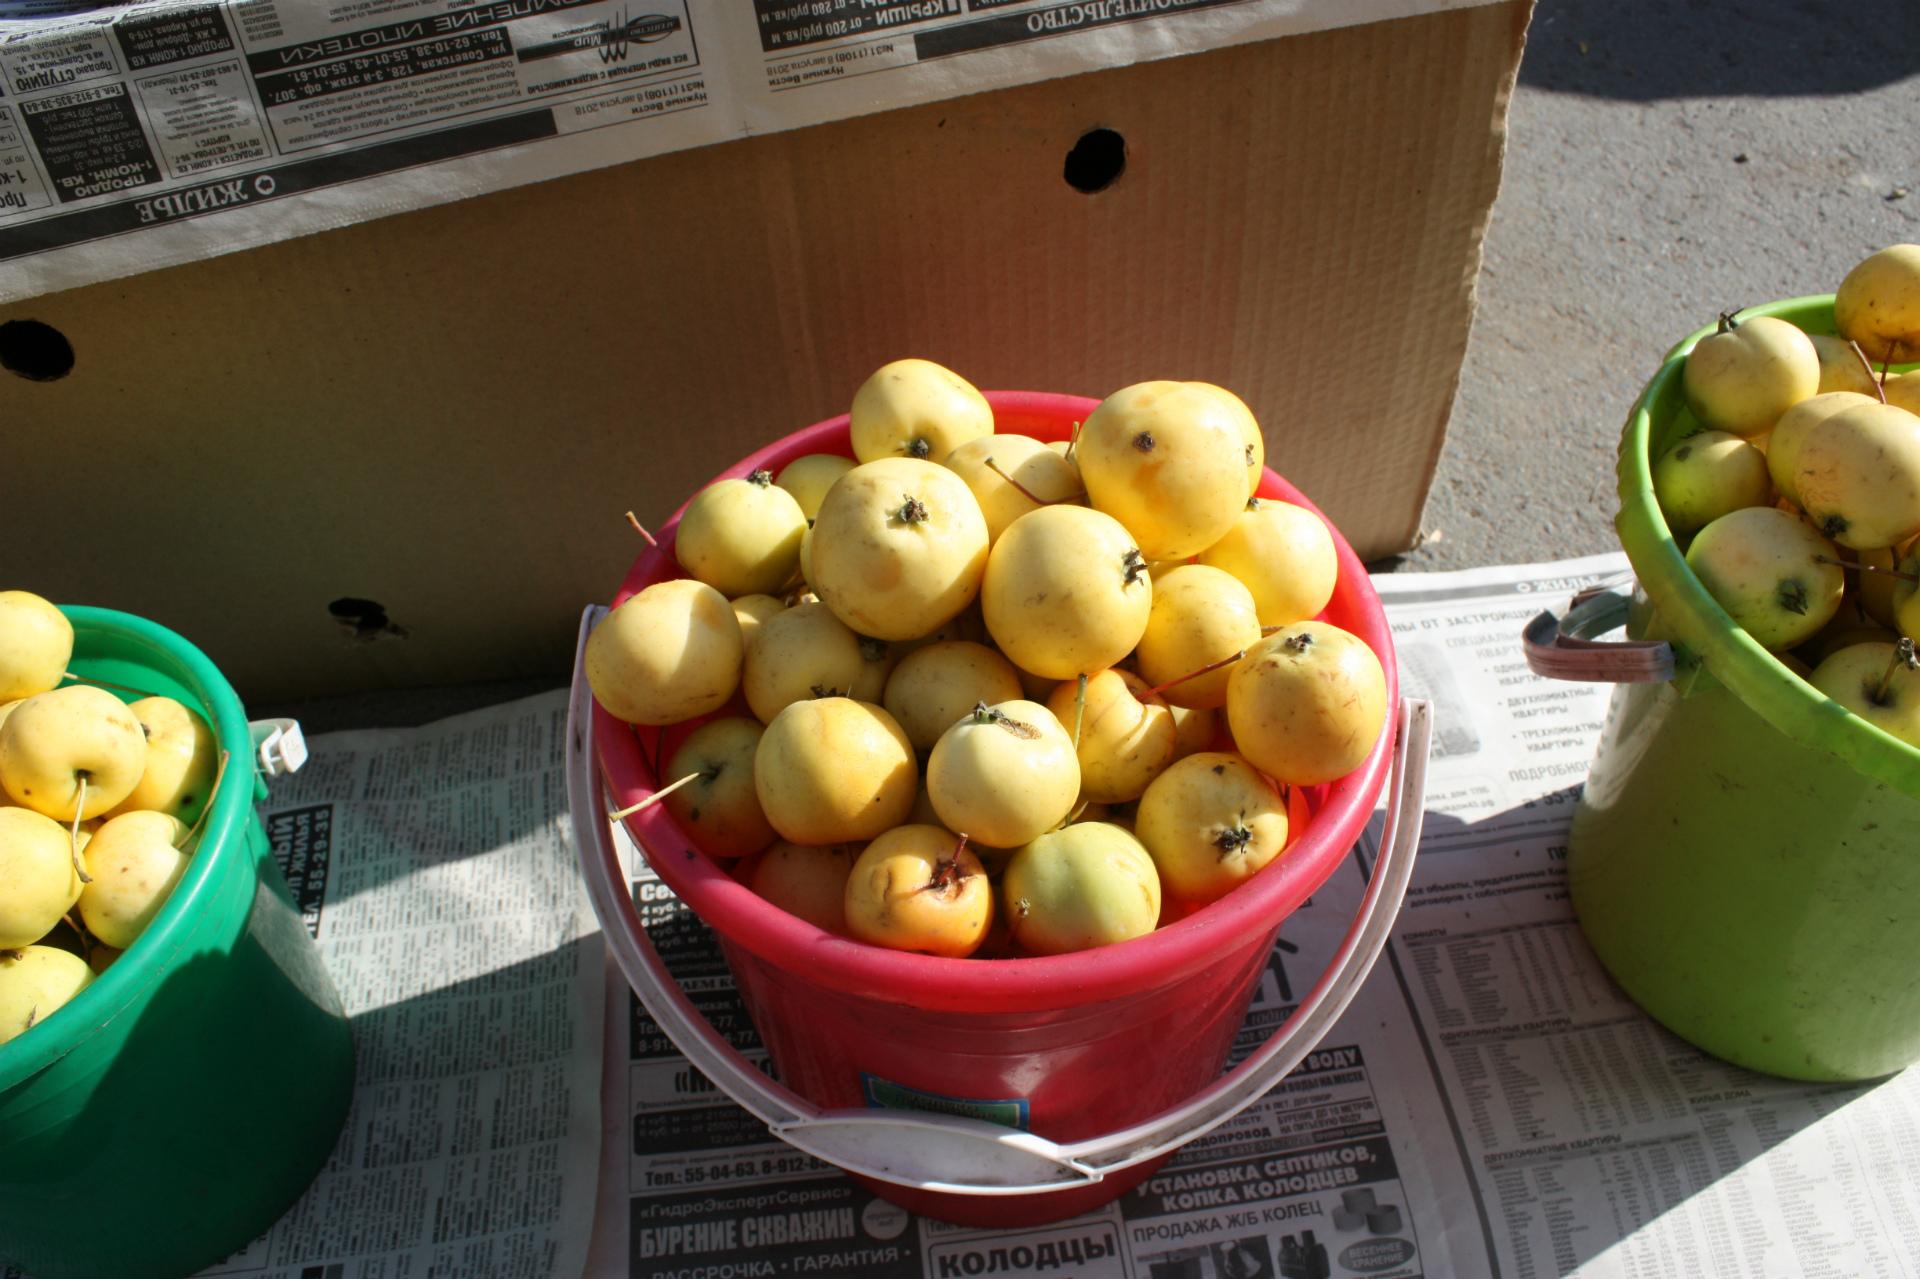 Яблочки хоть и неказистые на вид, но очень сладкие! Уральские наливные называются — вкус, знакомый с детства